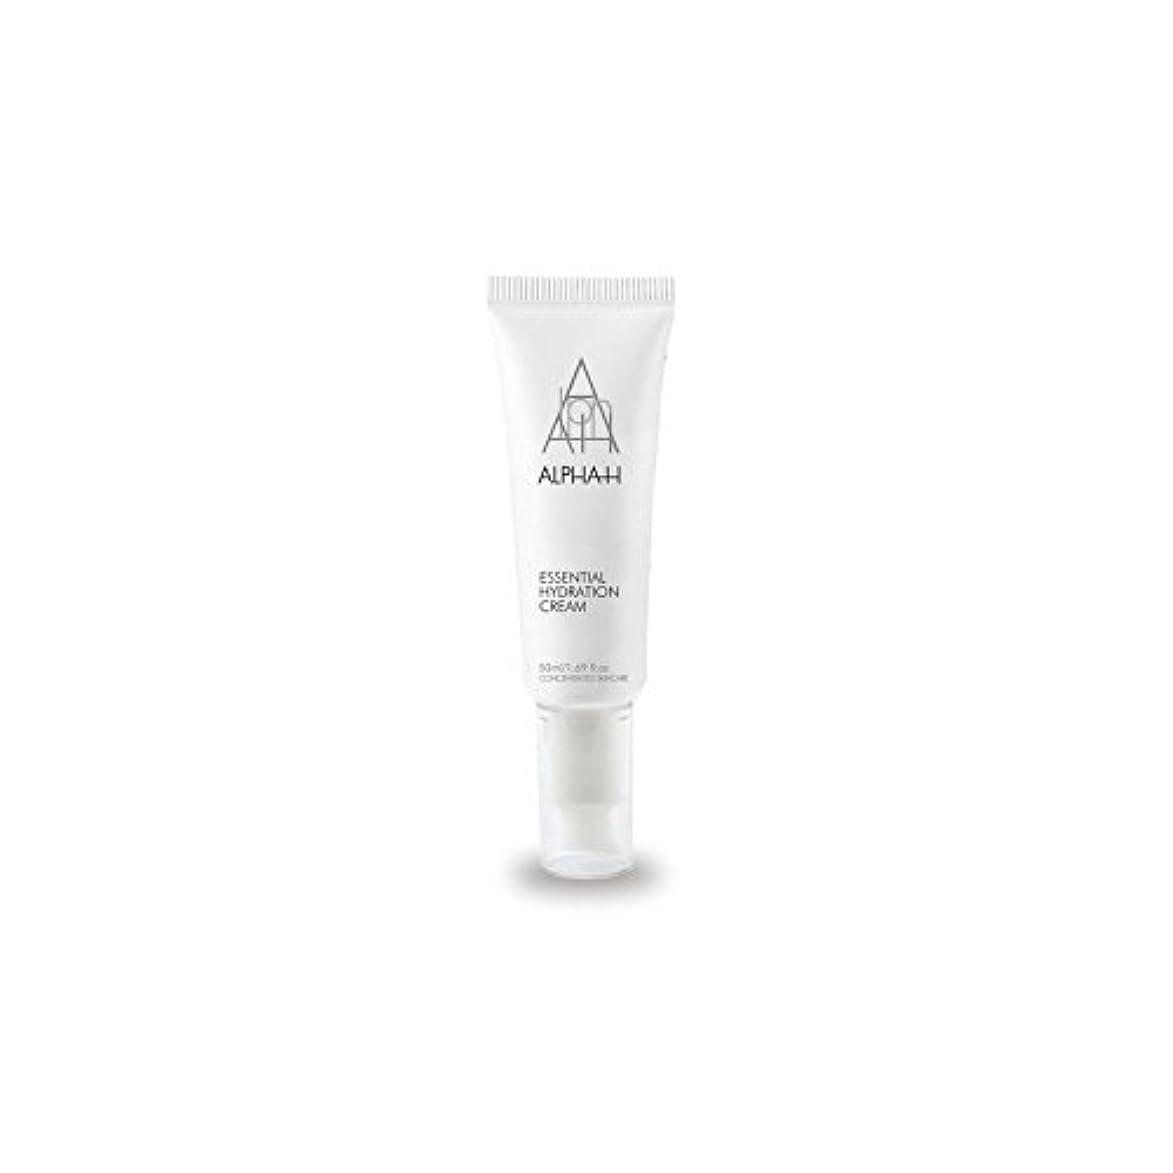 降雨反対する乳アルファ必須水和クリーム(50)中 x4 - Alpha-H Essential Hydration Cream (50ml) (Pack of 4) [並行輸入品]